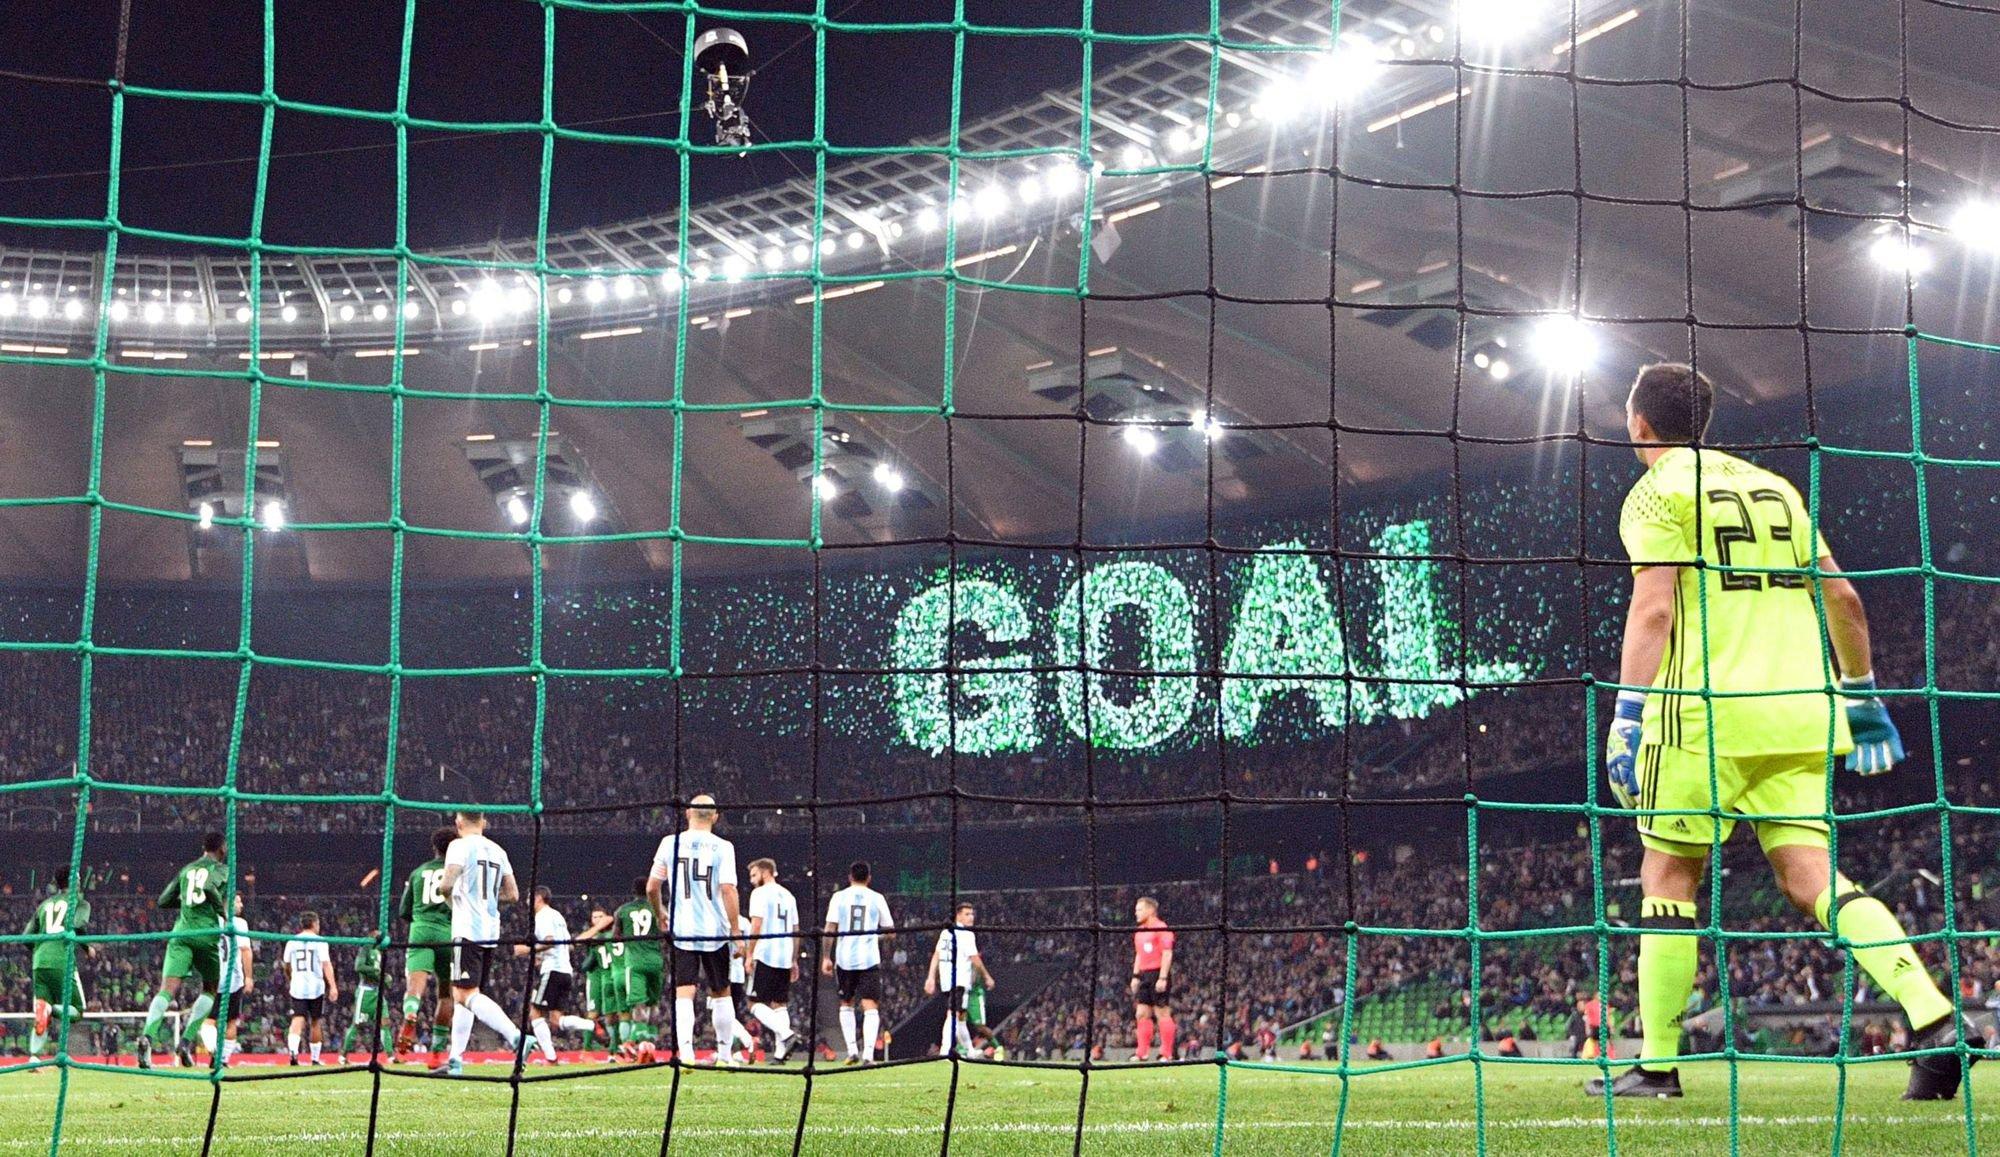 Argentina vs Nigeria Highlights